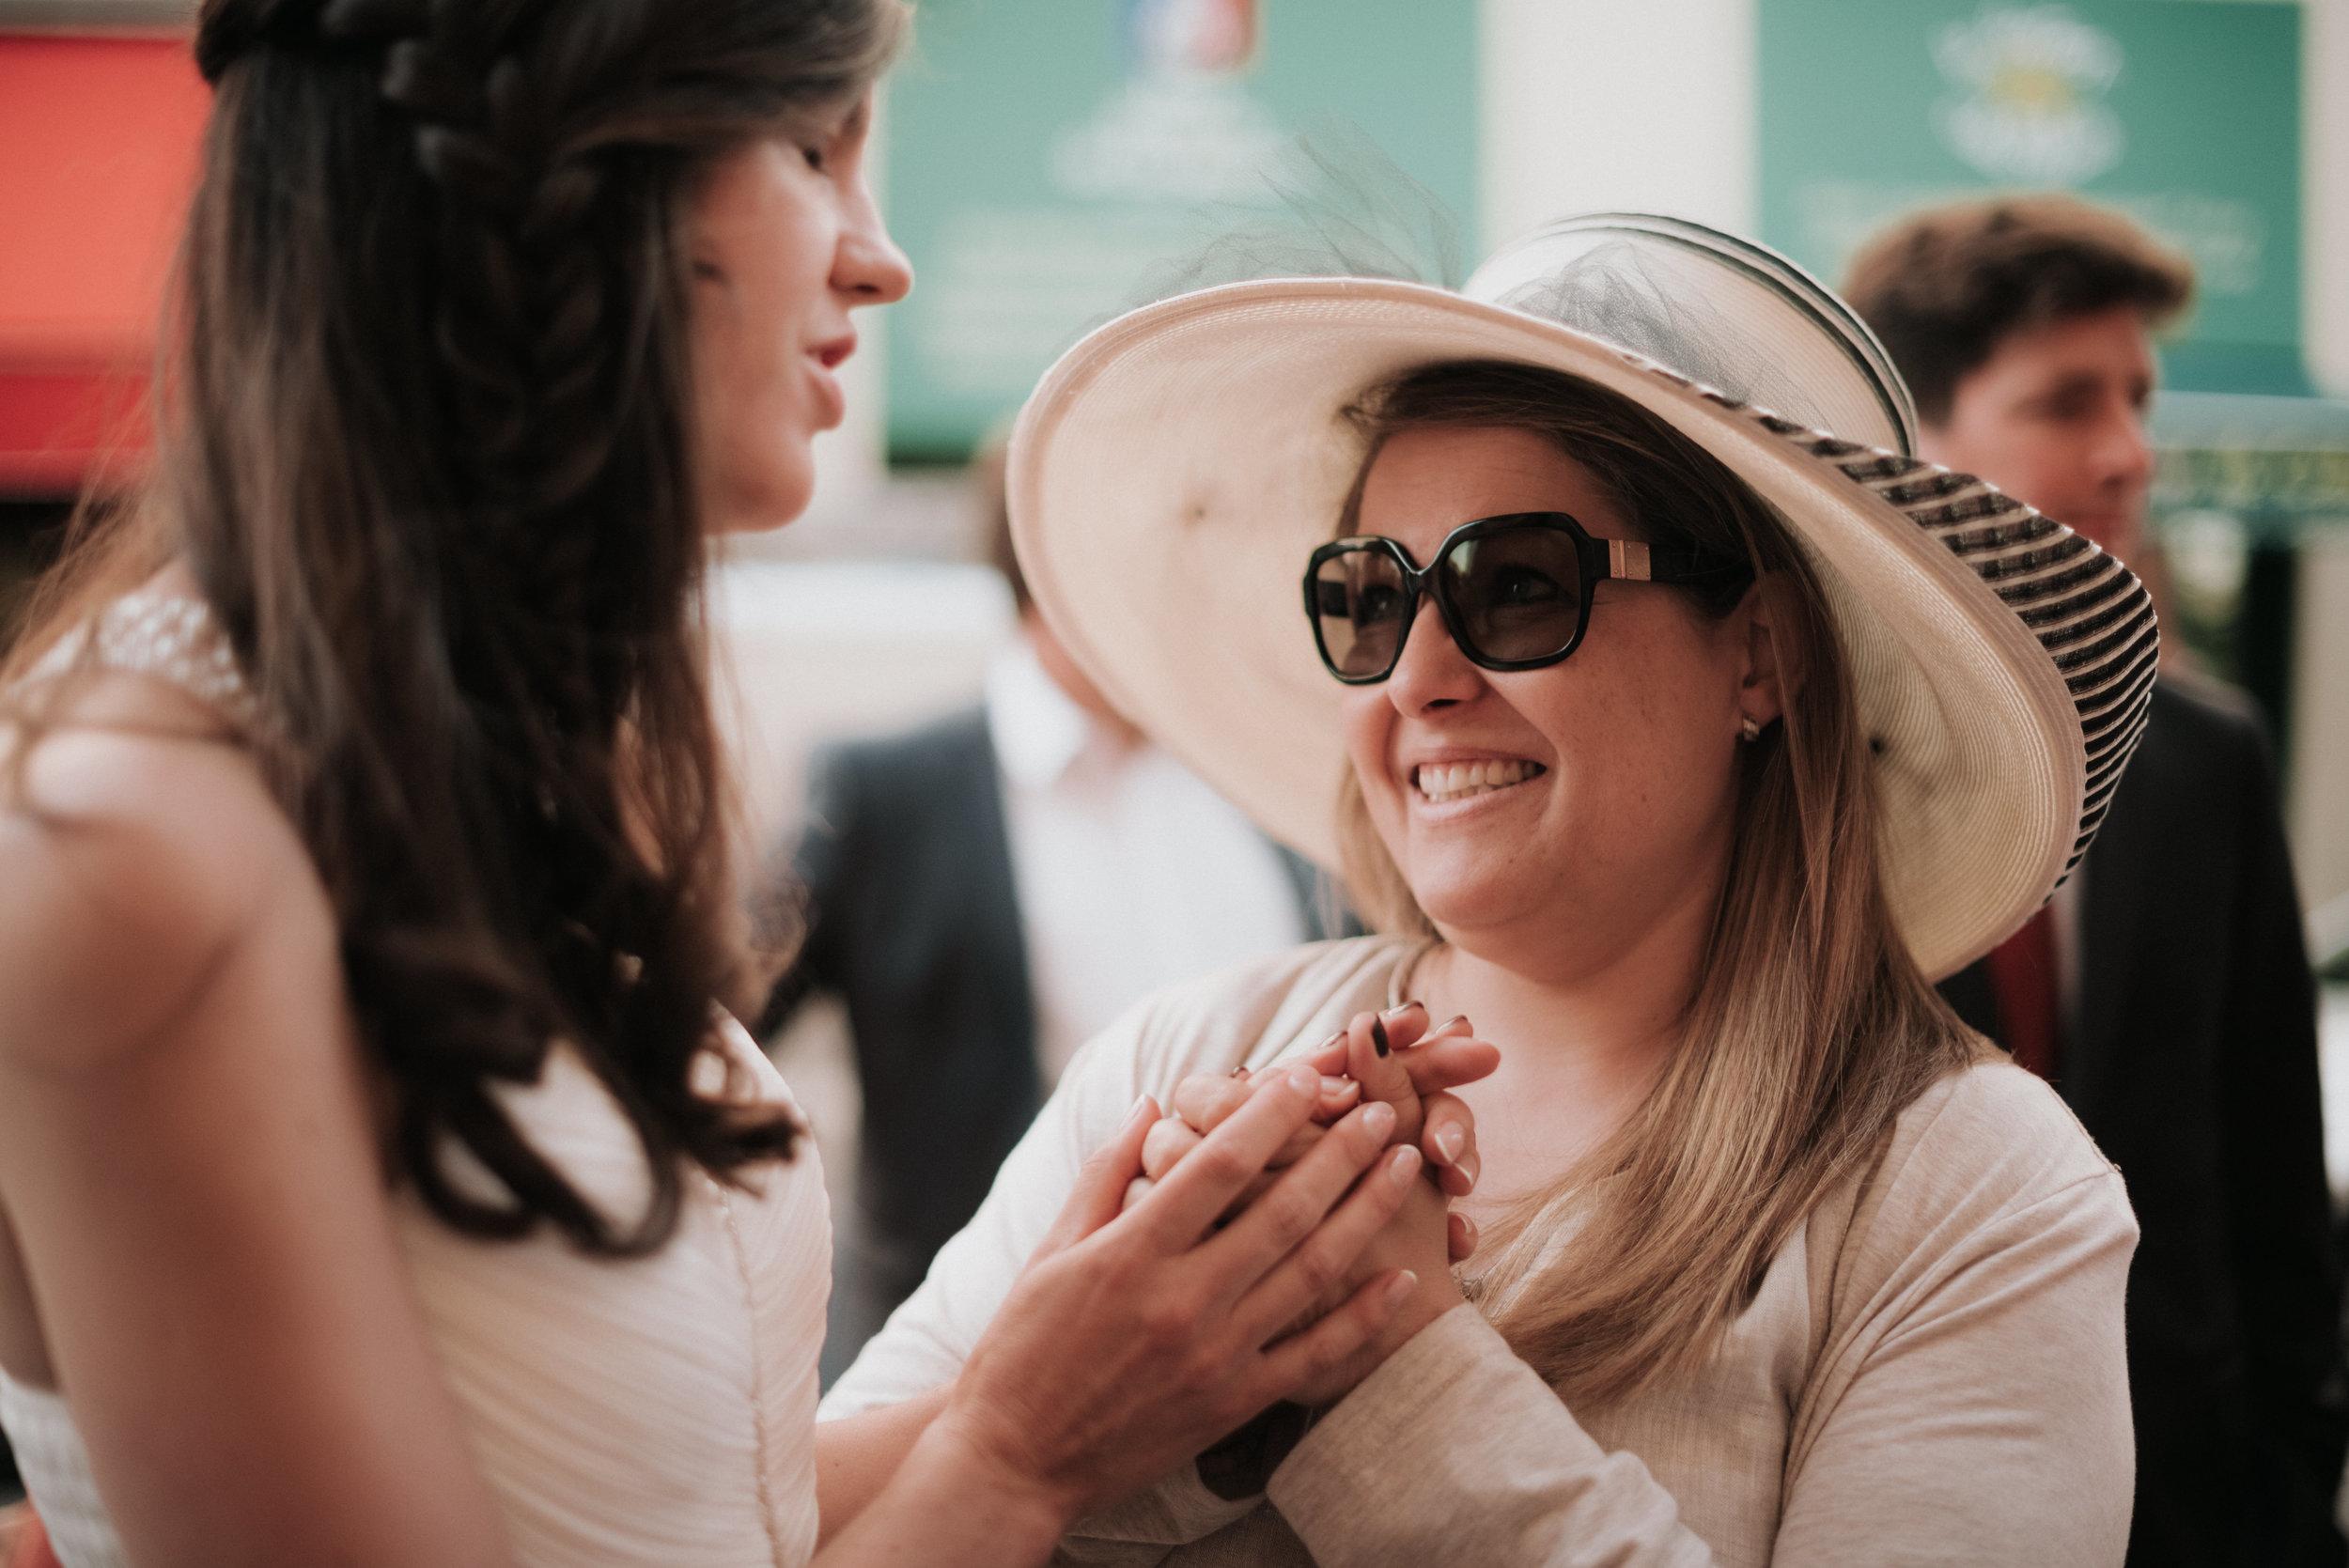 Léa-Fery-photographe-professionnel-lyon-rhone-alpes-portrait-creation-mariage-evenement-evenementiel-famille-7965.jpg